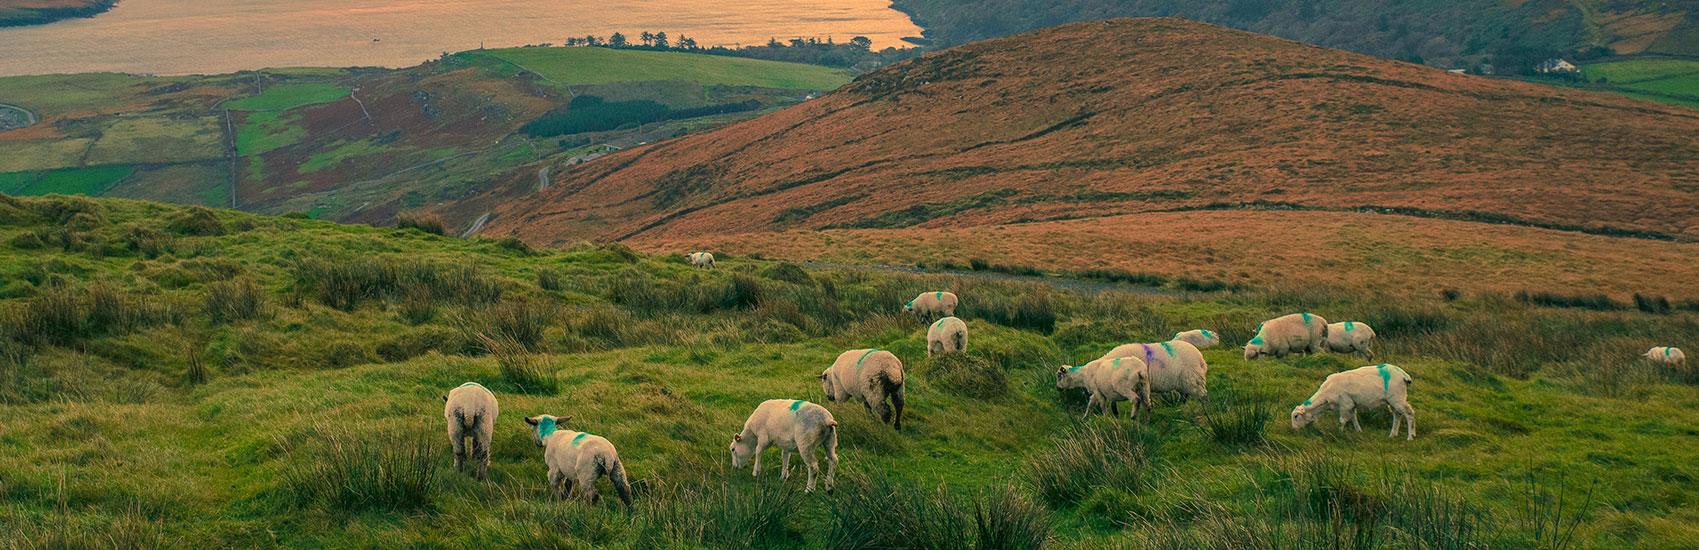 Explore Ireland 1